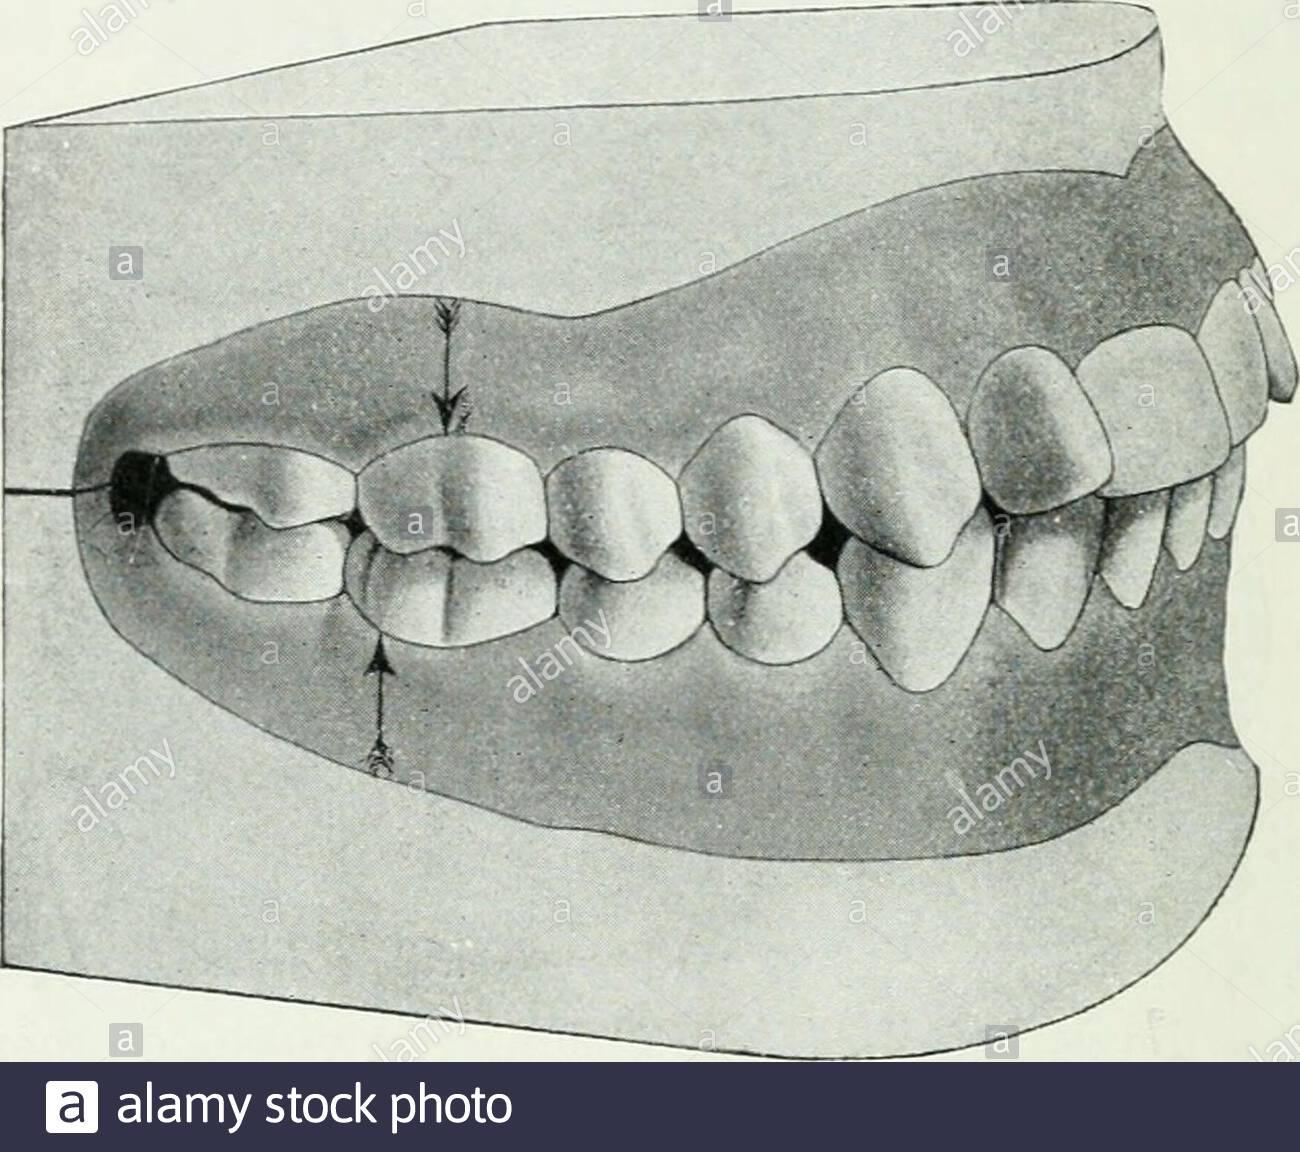 lehrbuch der orthodontie fur stu rende und zahnartze mit enschluss der geschichte der orthodontie fig 21t miges verfahren ist in fig 211 abgebildet nach dem dehnungund vorzwingen der vorderzhne gleichzeitig vorgenommen werdenknnen verschiebung sollte man nicht beginnen bevor man a i fig 212 fig 213 unteren schneidezhne an gleichnamigen oberen heran gebracht hat damit nicht whrend der biverschiebung oberenschneidezhne wieder in ihre alte stellung zurckmarschieren 224 ii therapie der anomalien knnen bei der biverschiebung verwende ich bis zu drei un 2AFT0CD